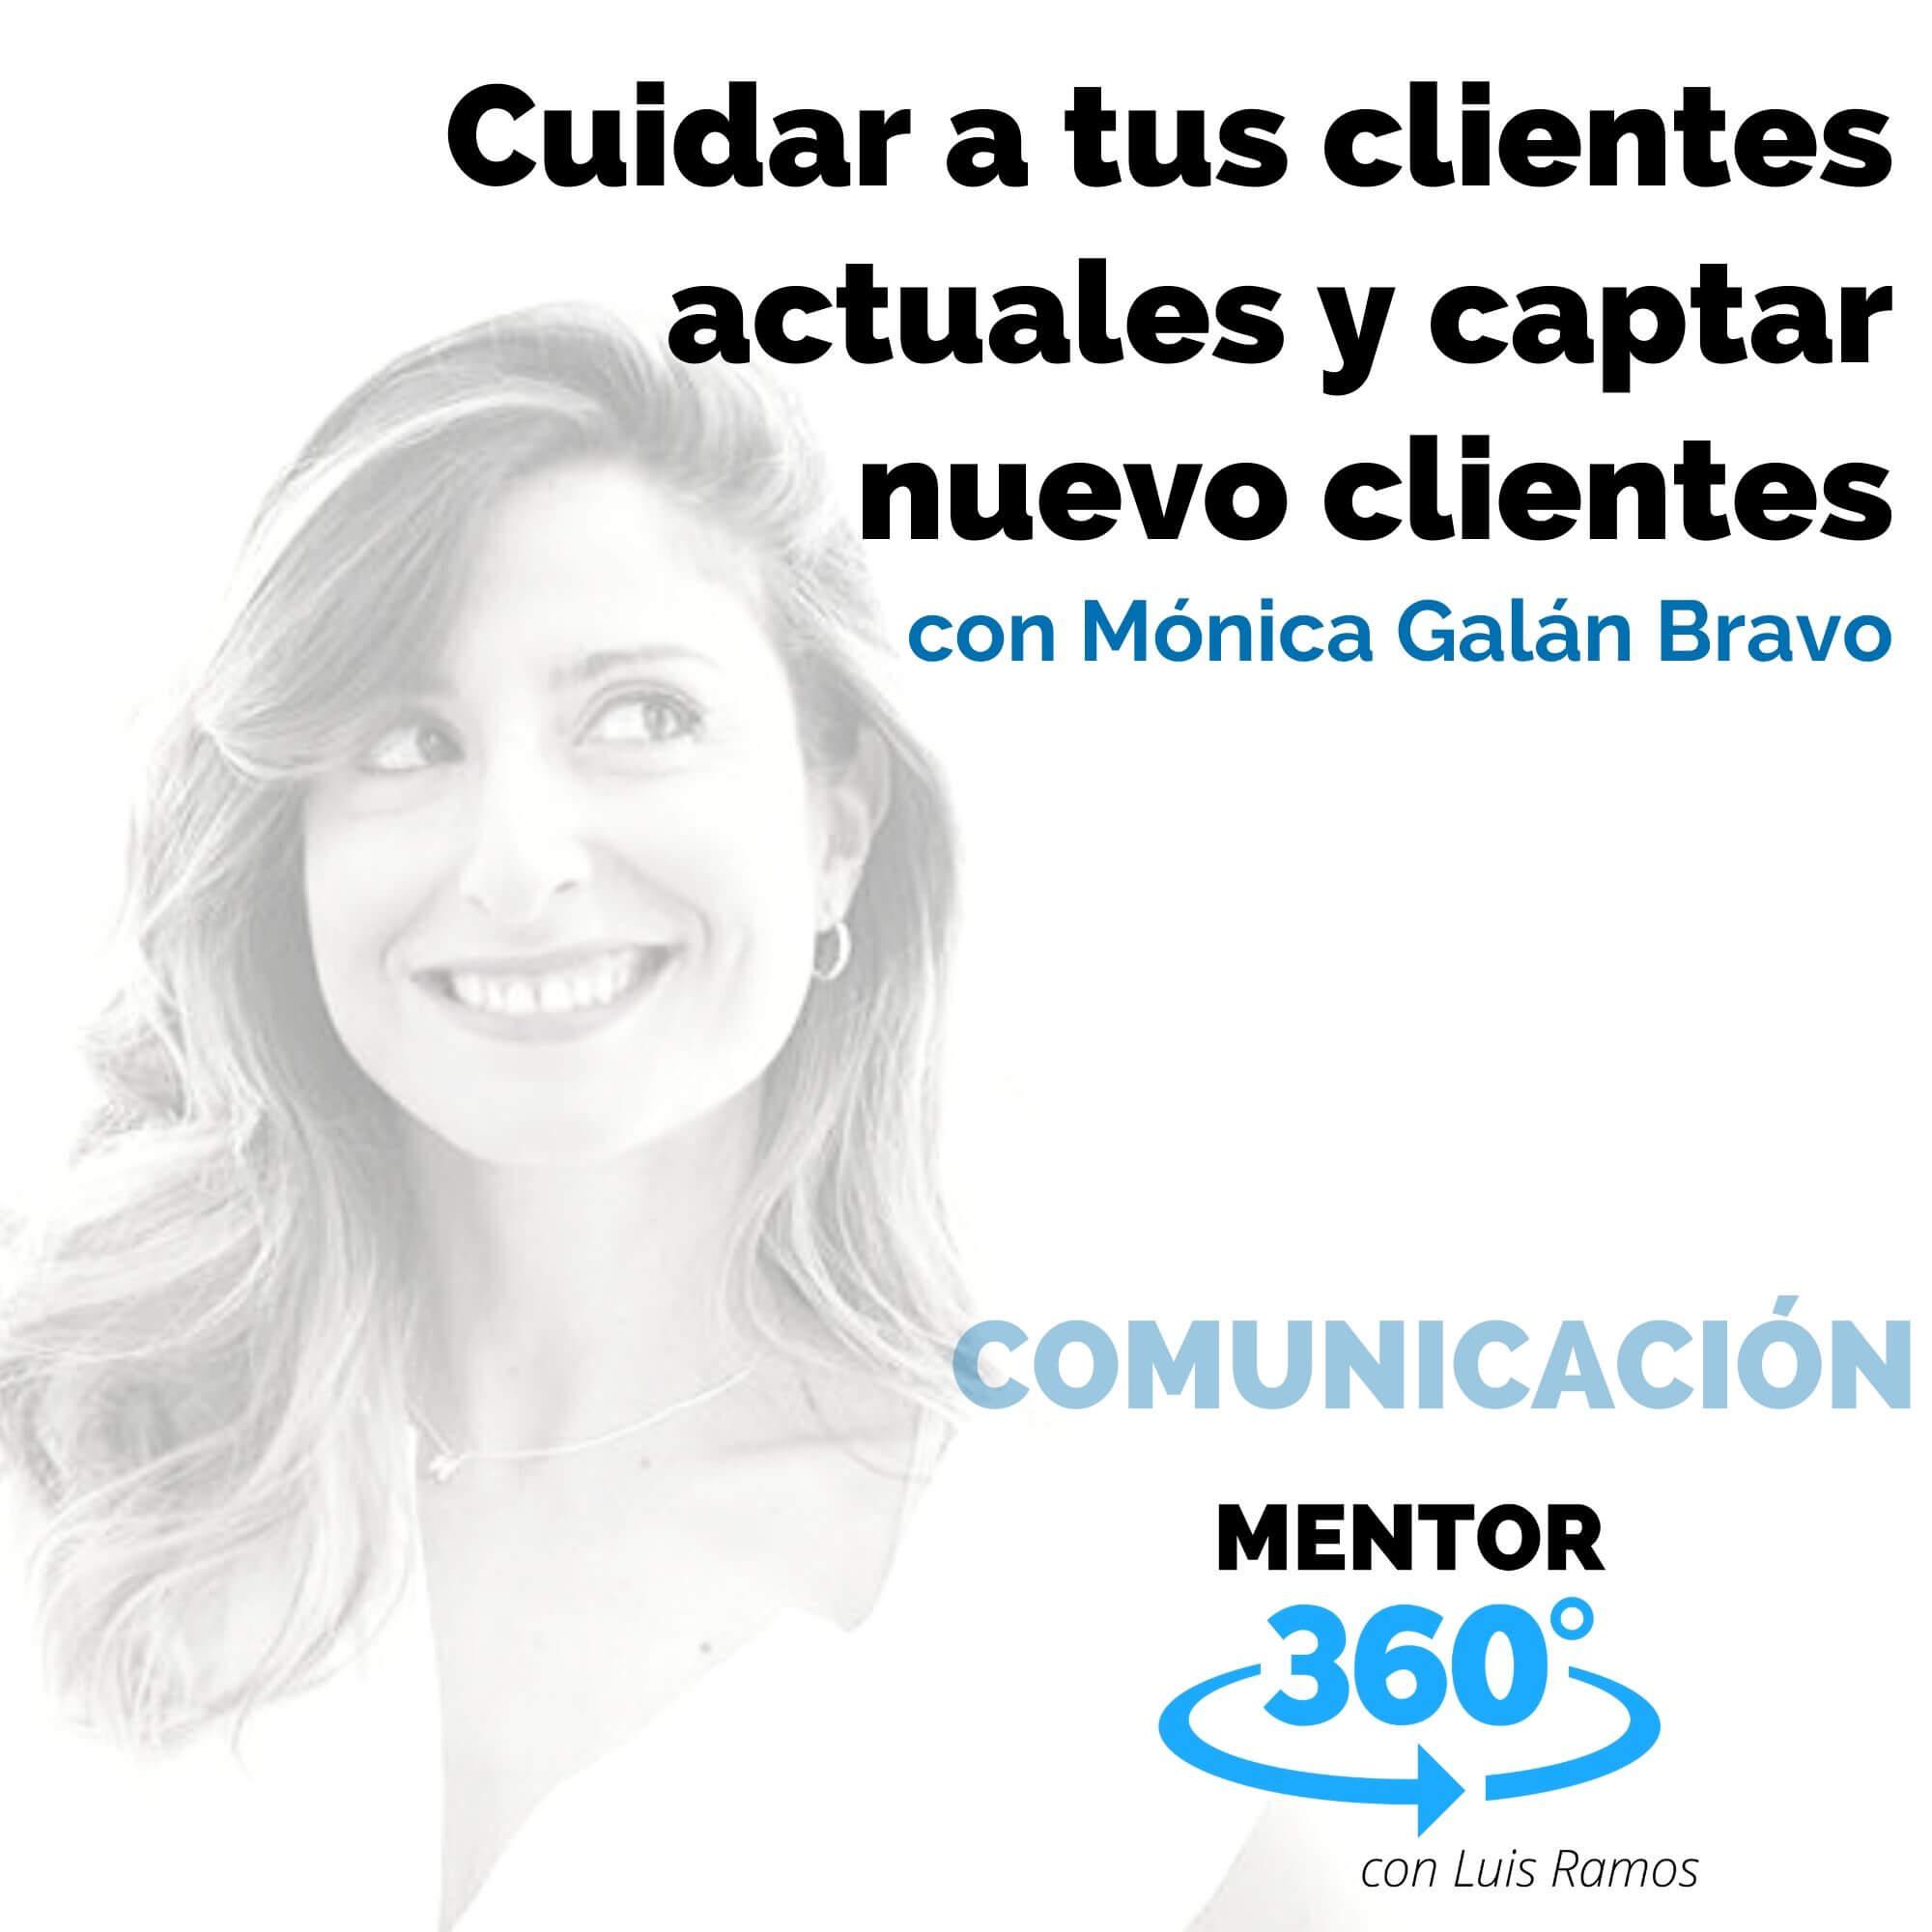 Cuidar a tus clientes actuales y captar nuevos clientes, con Mónica Galán Bravo - COMUNICACIÓN